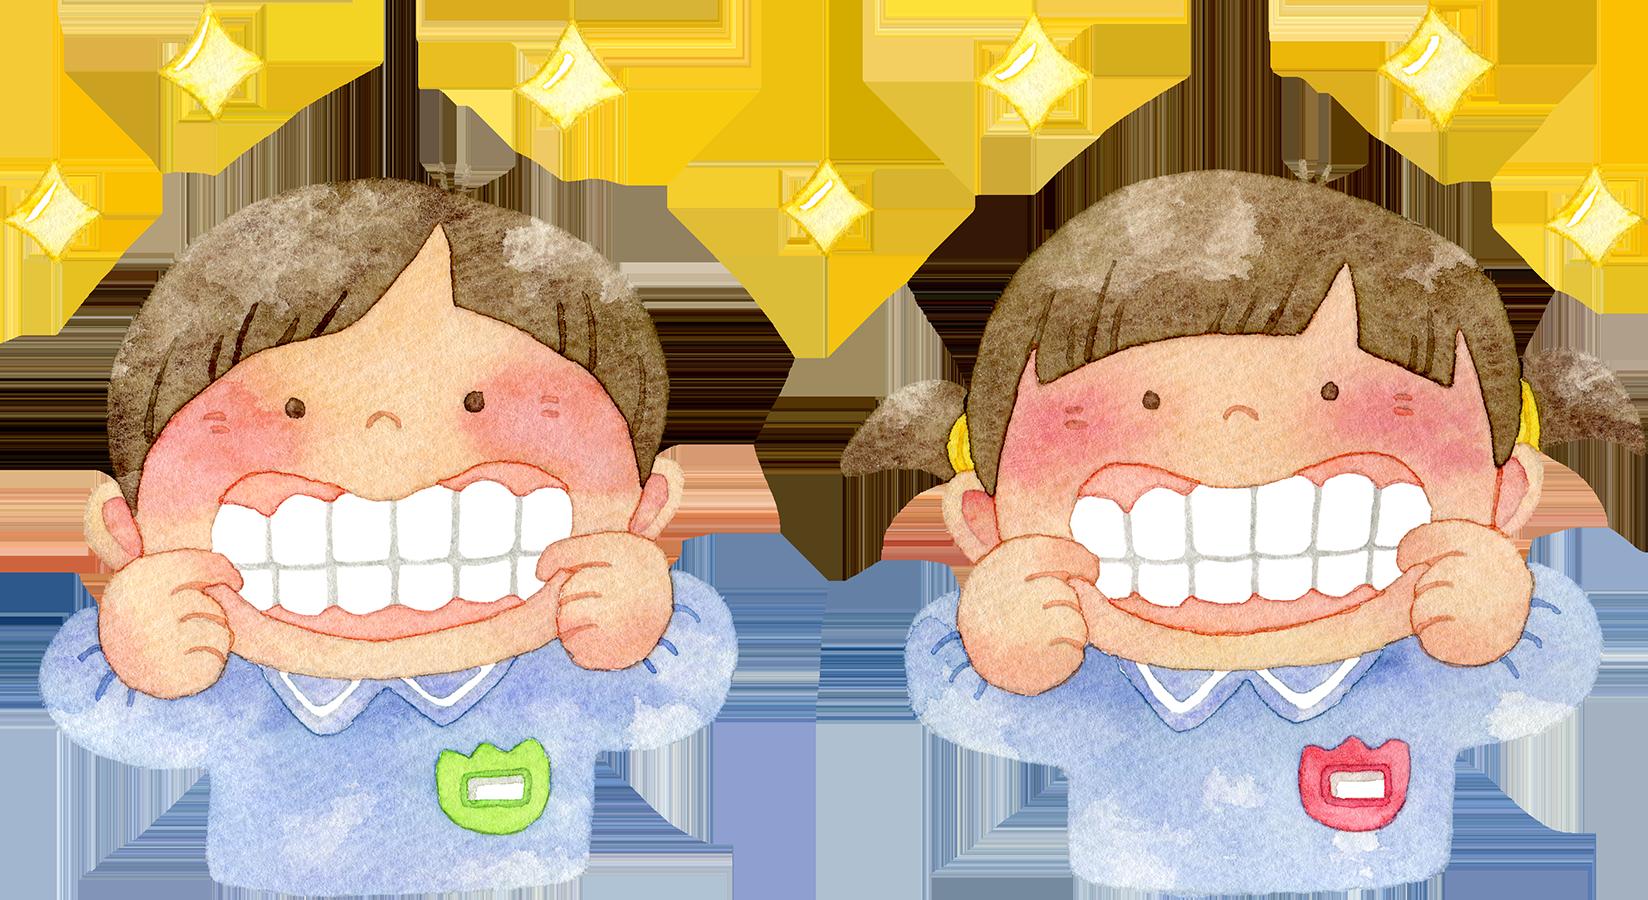 ピカピカの歯を見せる園児たちの水彩イラスト